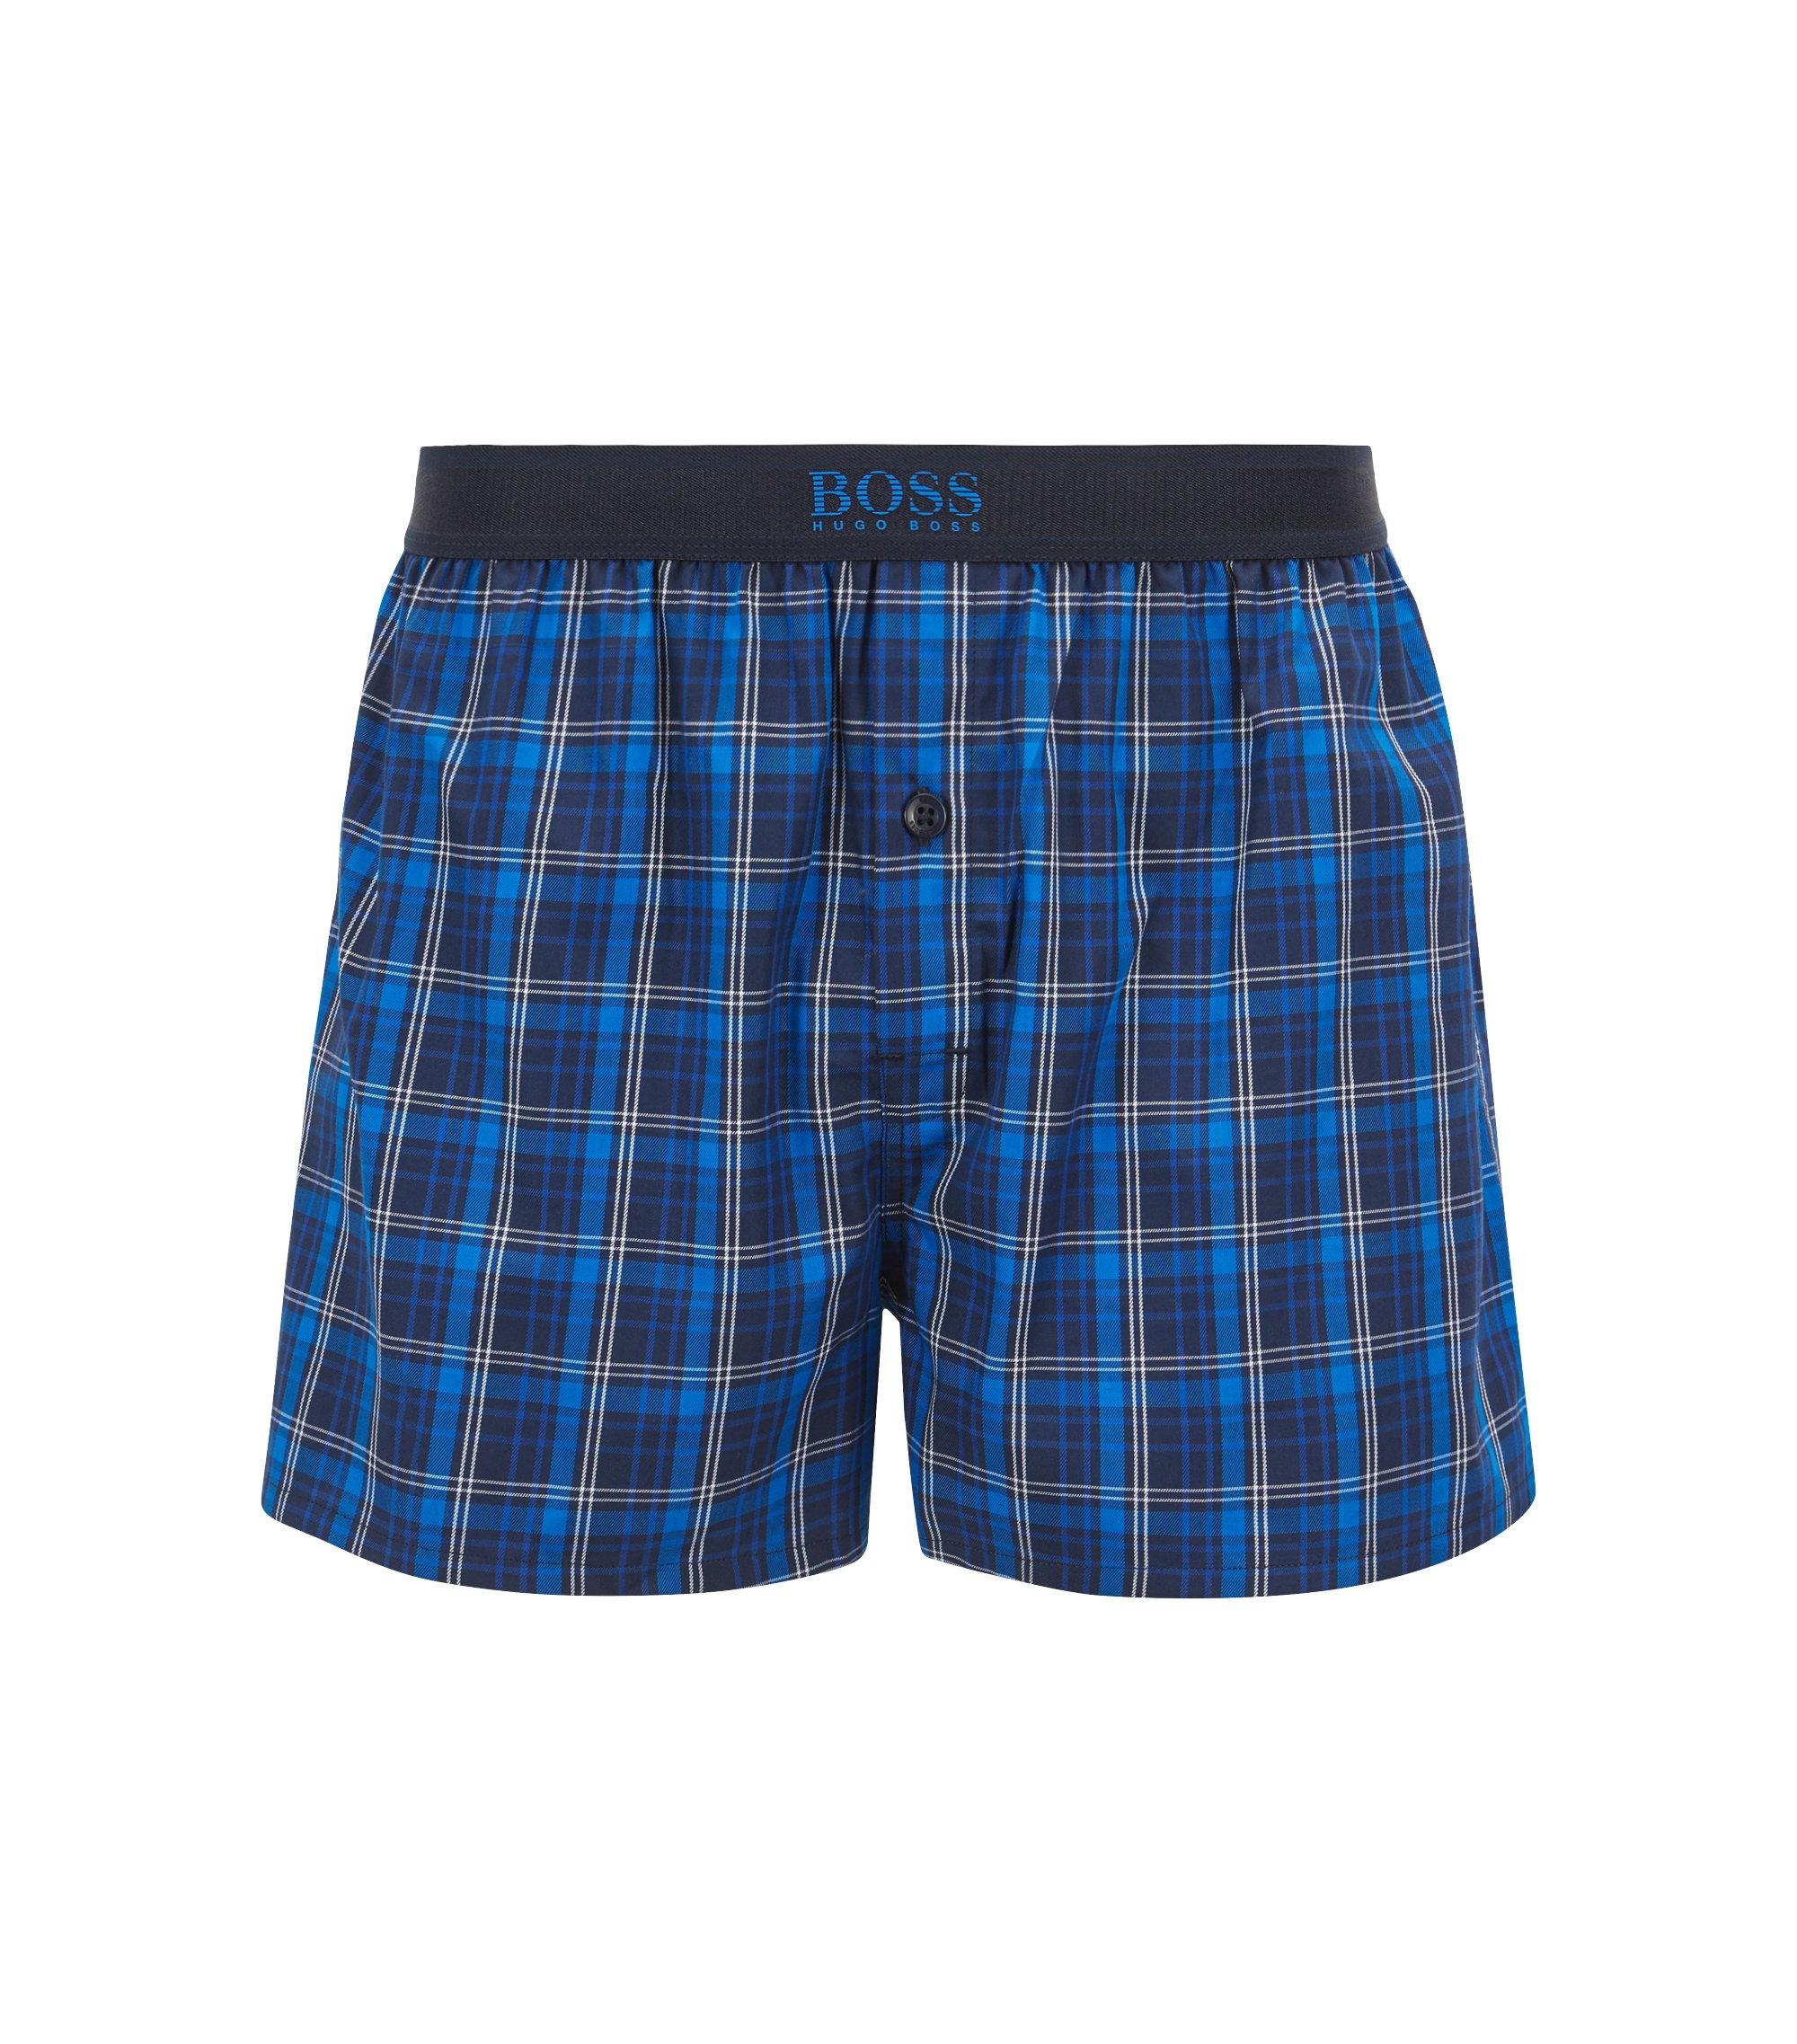 Karierte Pyjama-Shorts aus Baumwoll-Popeline mit Logo am Bund, Blau